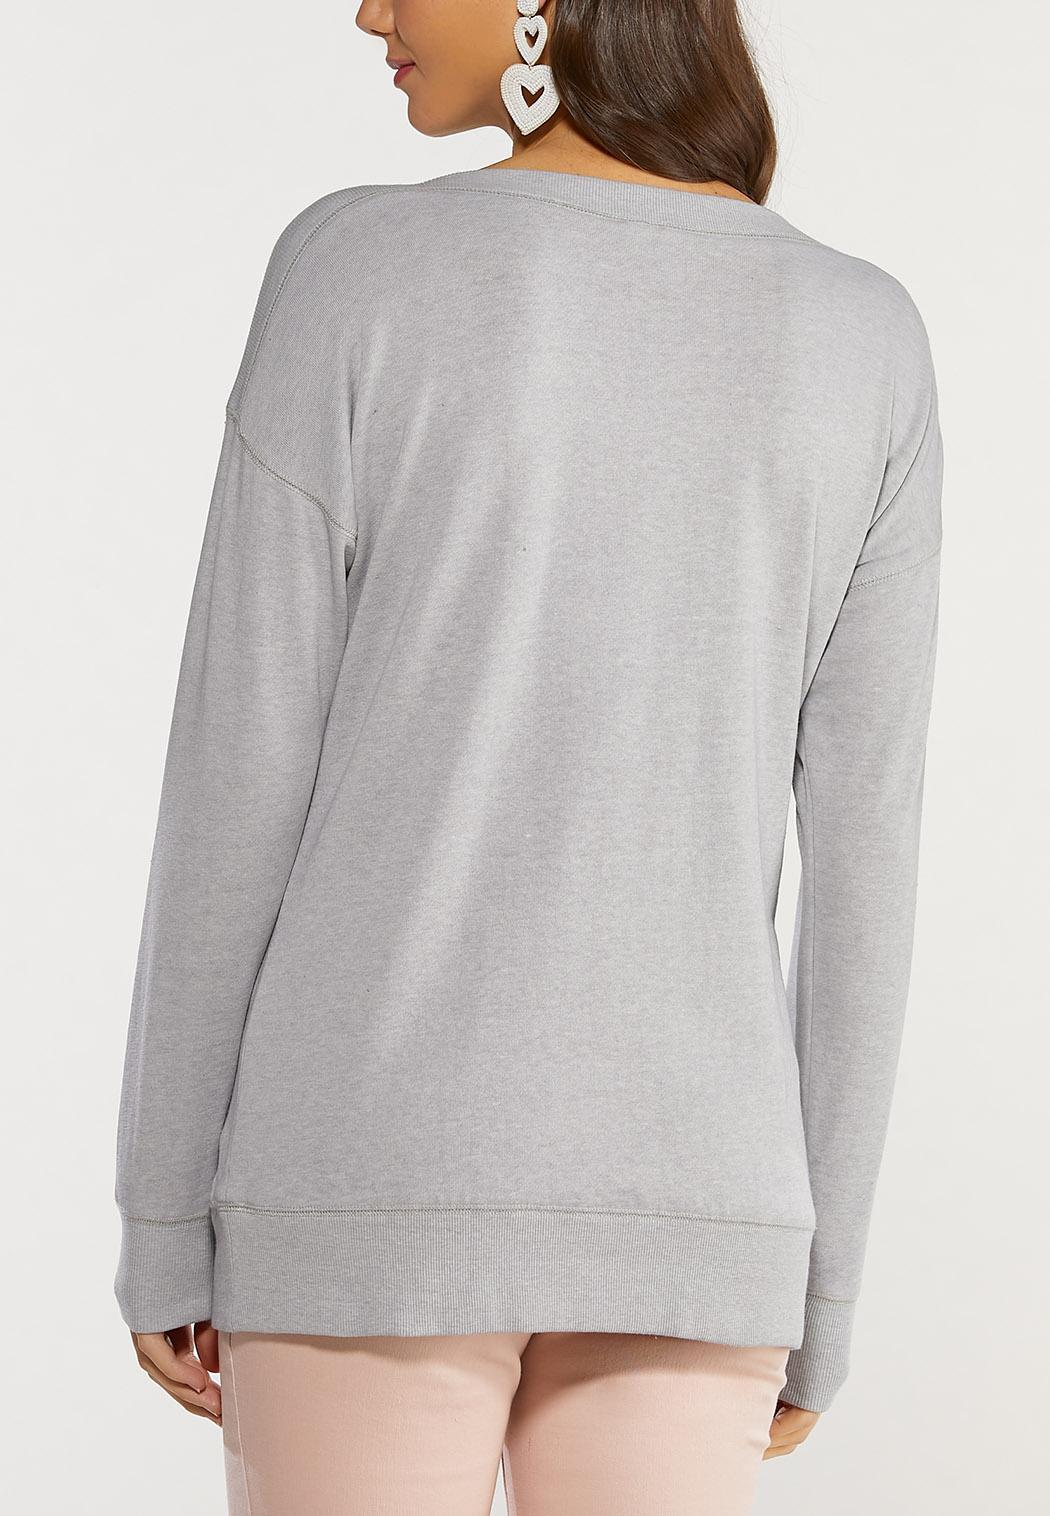 Love Yourself Sweatshirt (Item #44501850)